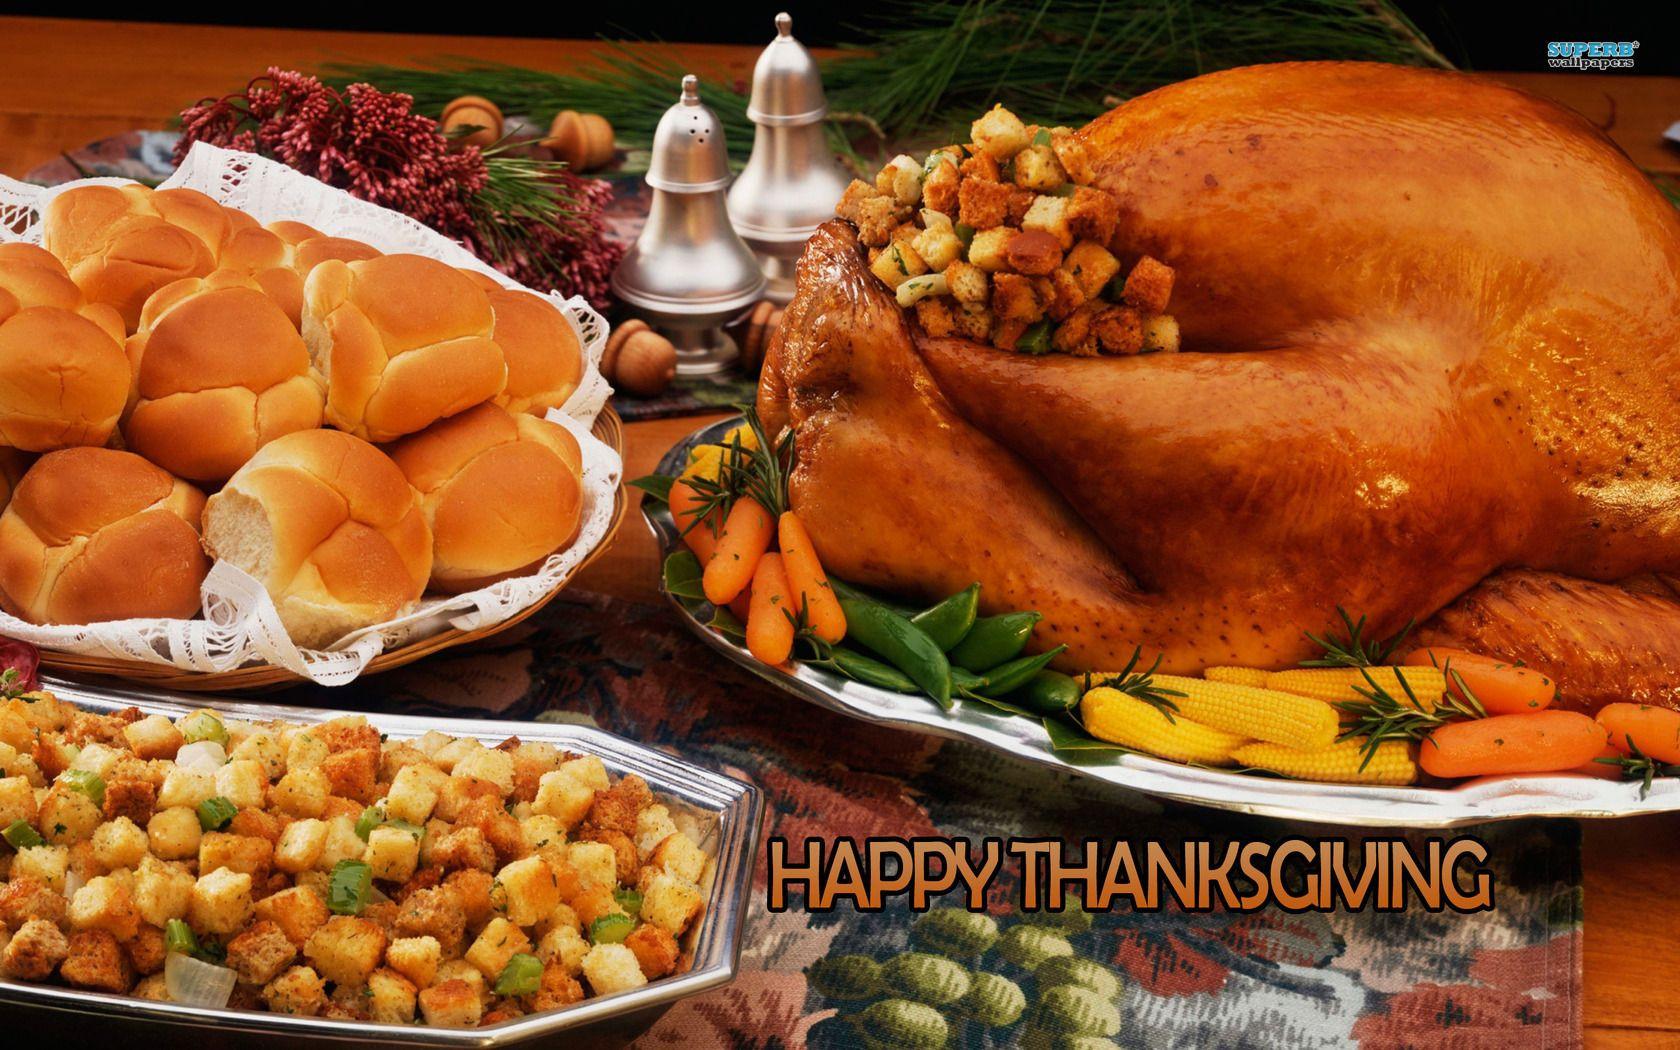 Free Thanksgiving Dinner  Thanksgiving Wallpapers for Desktop